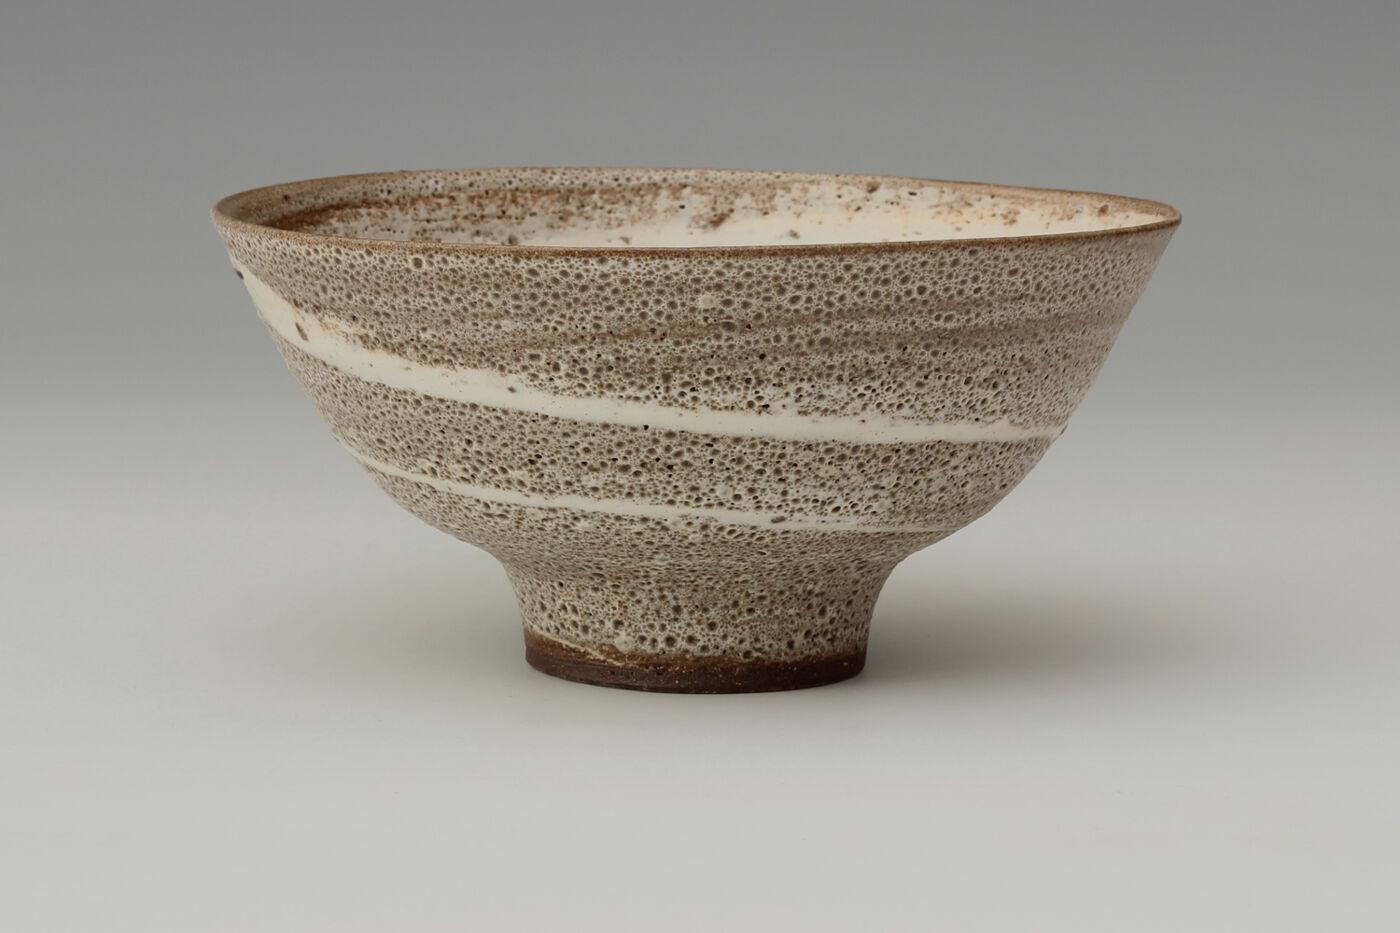 Peter Wills Ceramic Agate-ware Bowl 173